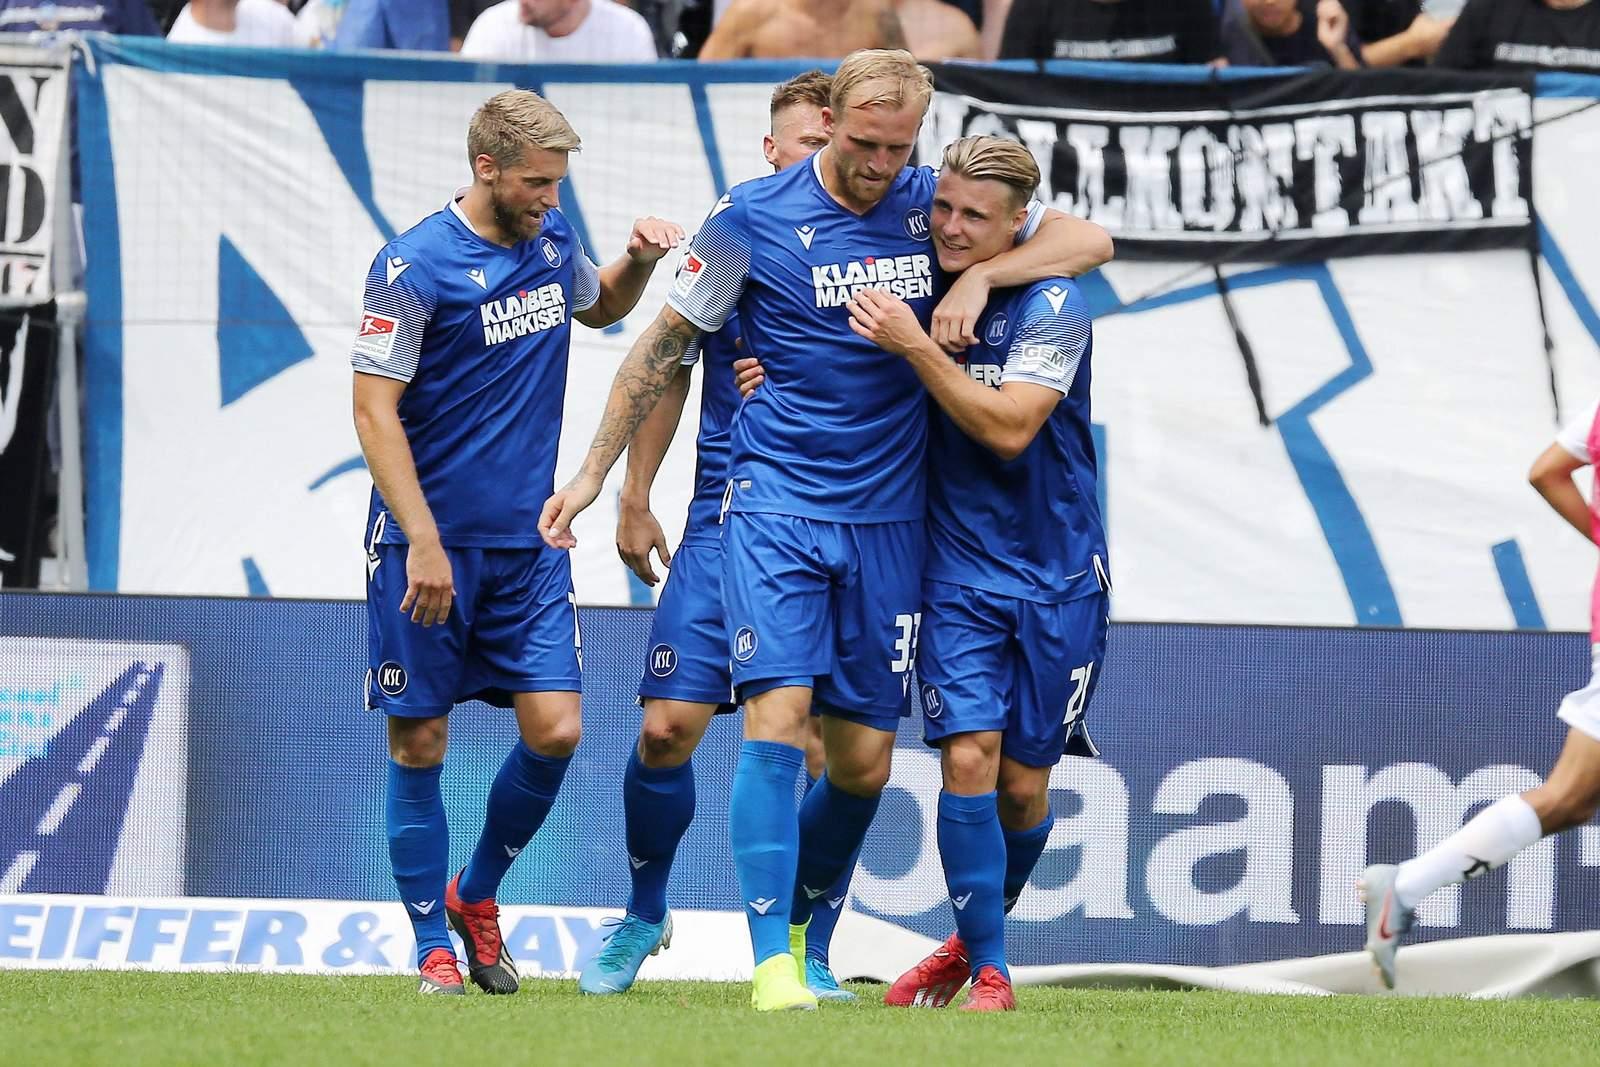 Der KSC jubelt gegen Dynamo.